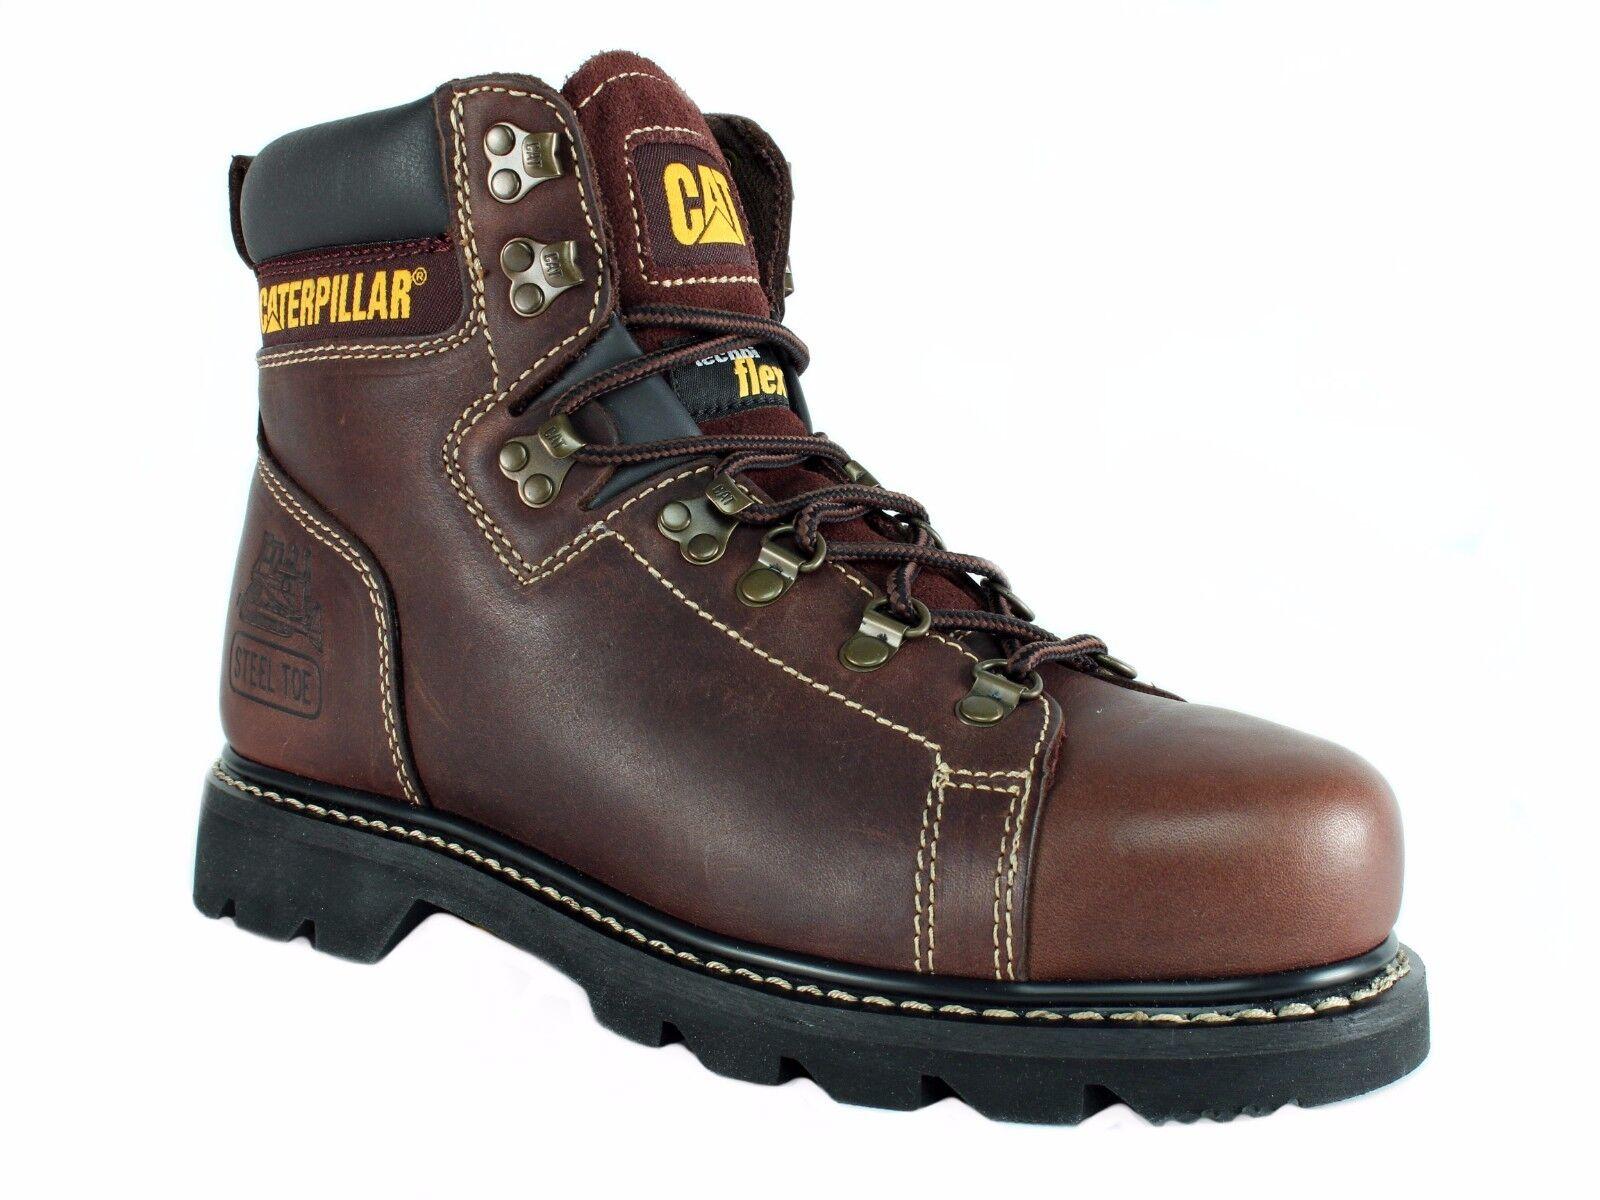 Caterpillar ALASKA FX ST Puntera De Acero botas Para Hombre Seguridad Trabajo Cuero Marrón